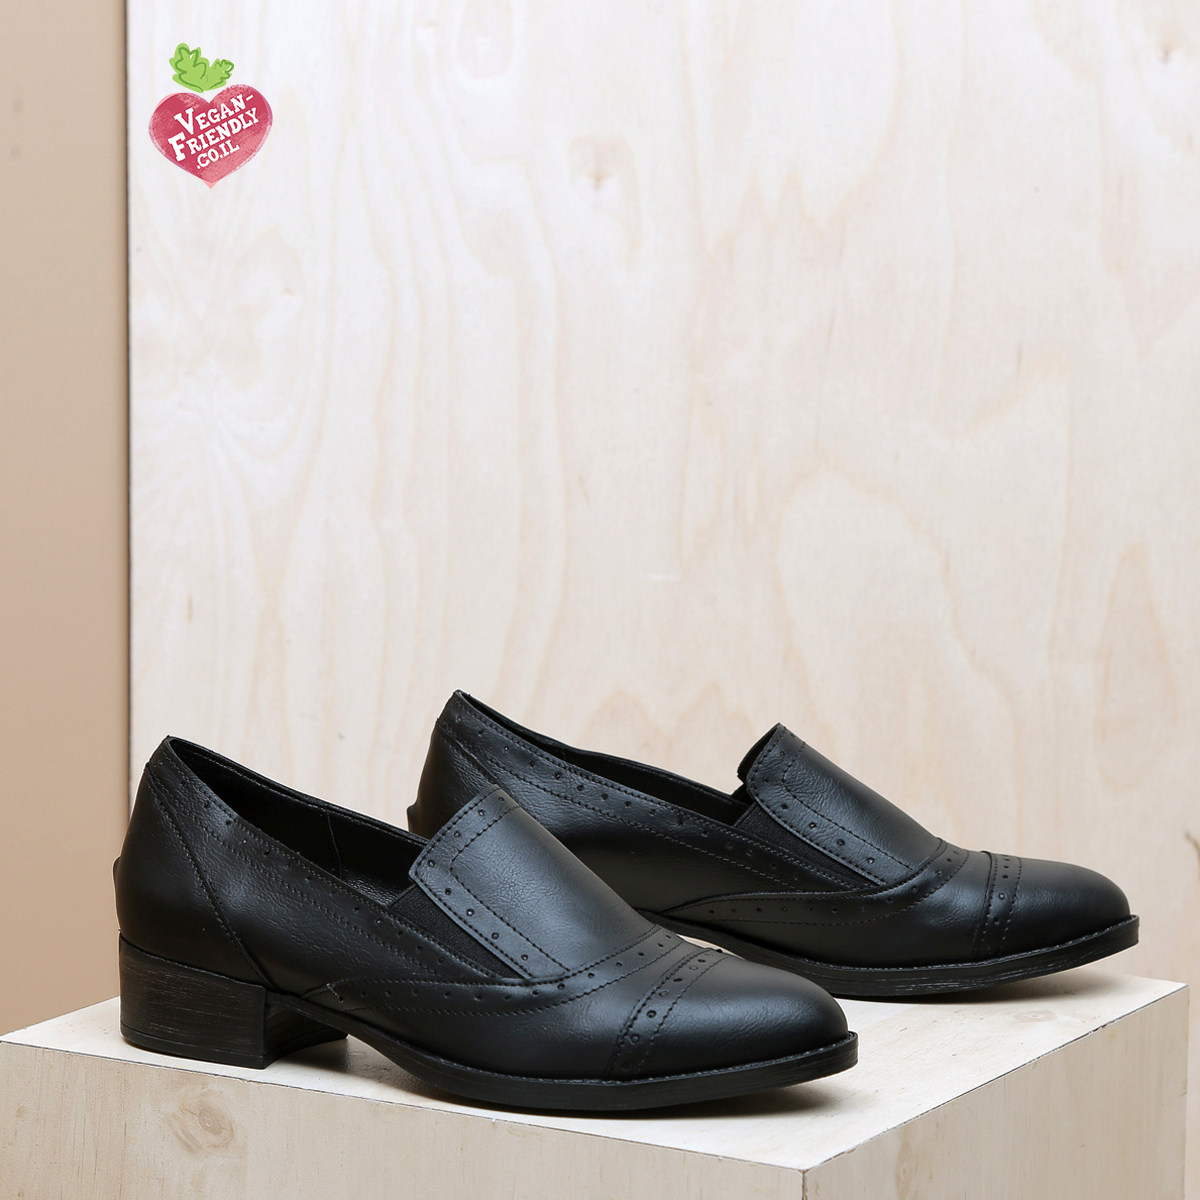 דגם פירנצה: נעלי אוקספורד טבעוניות בצבע שחור